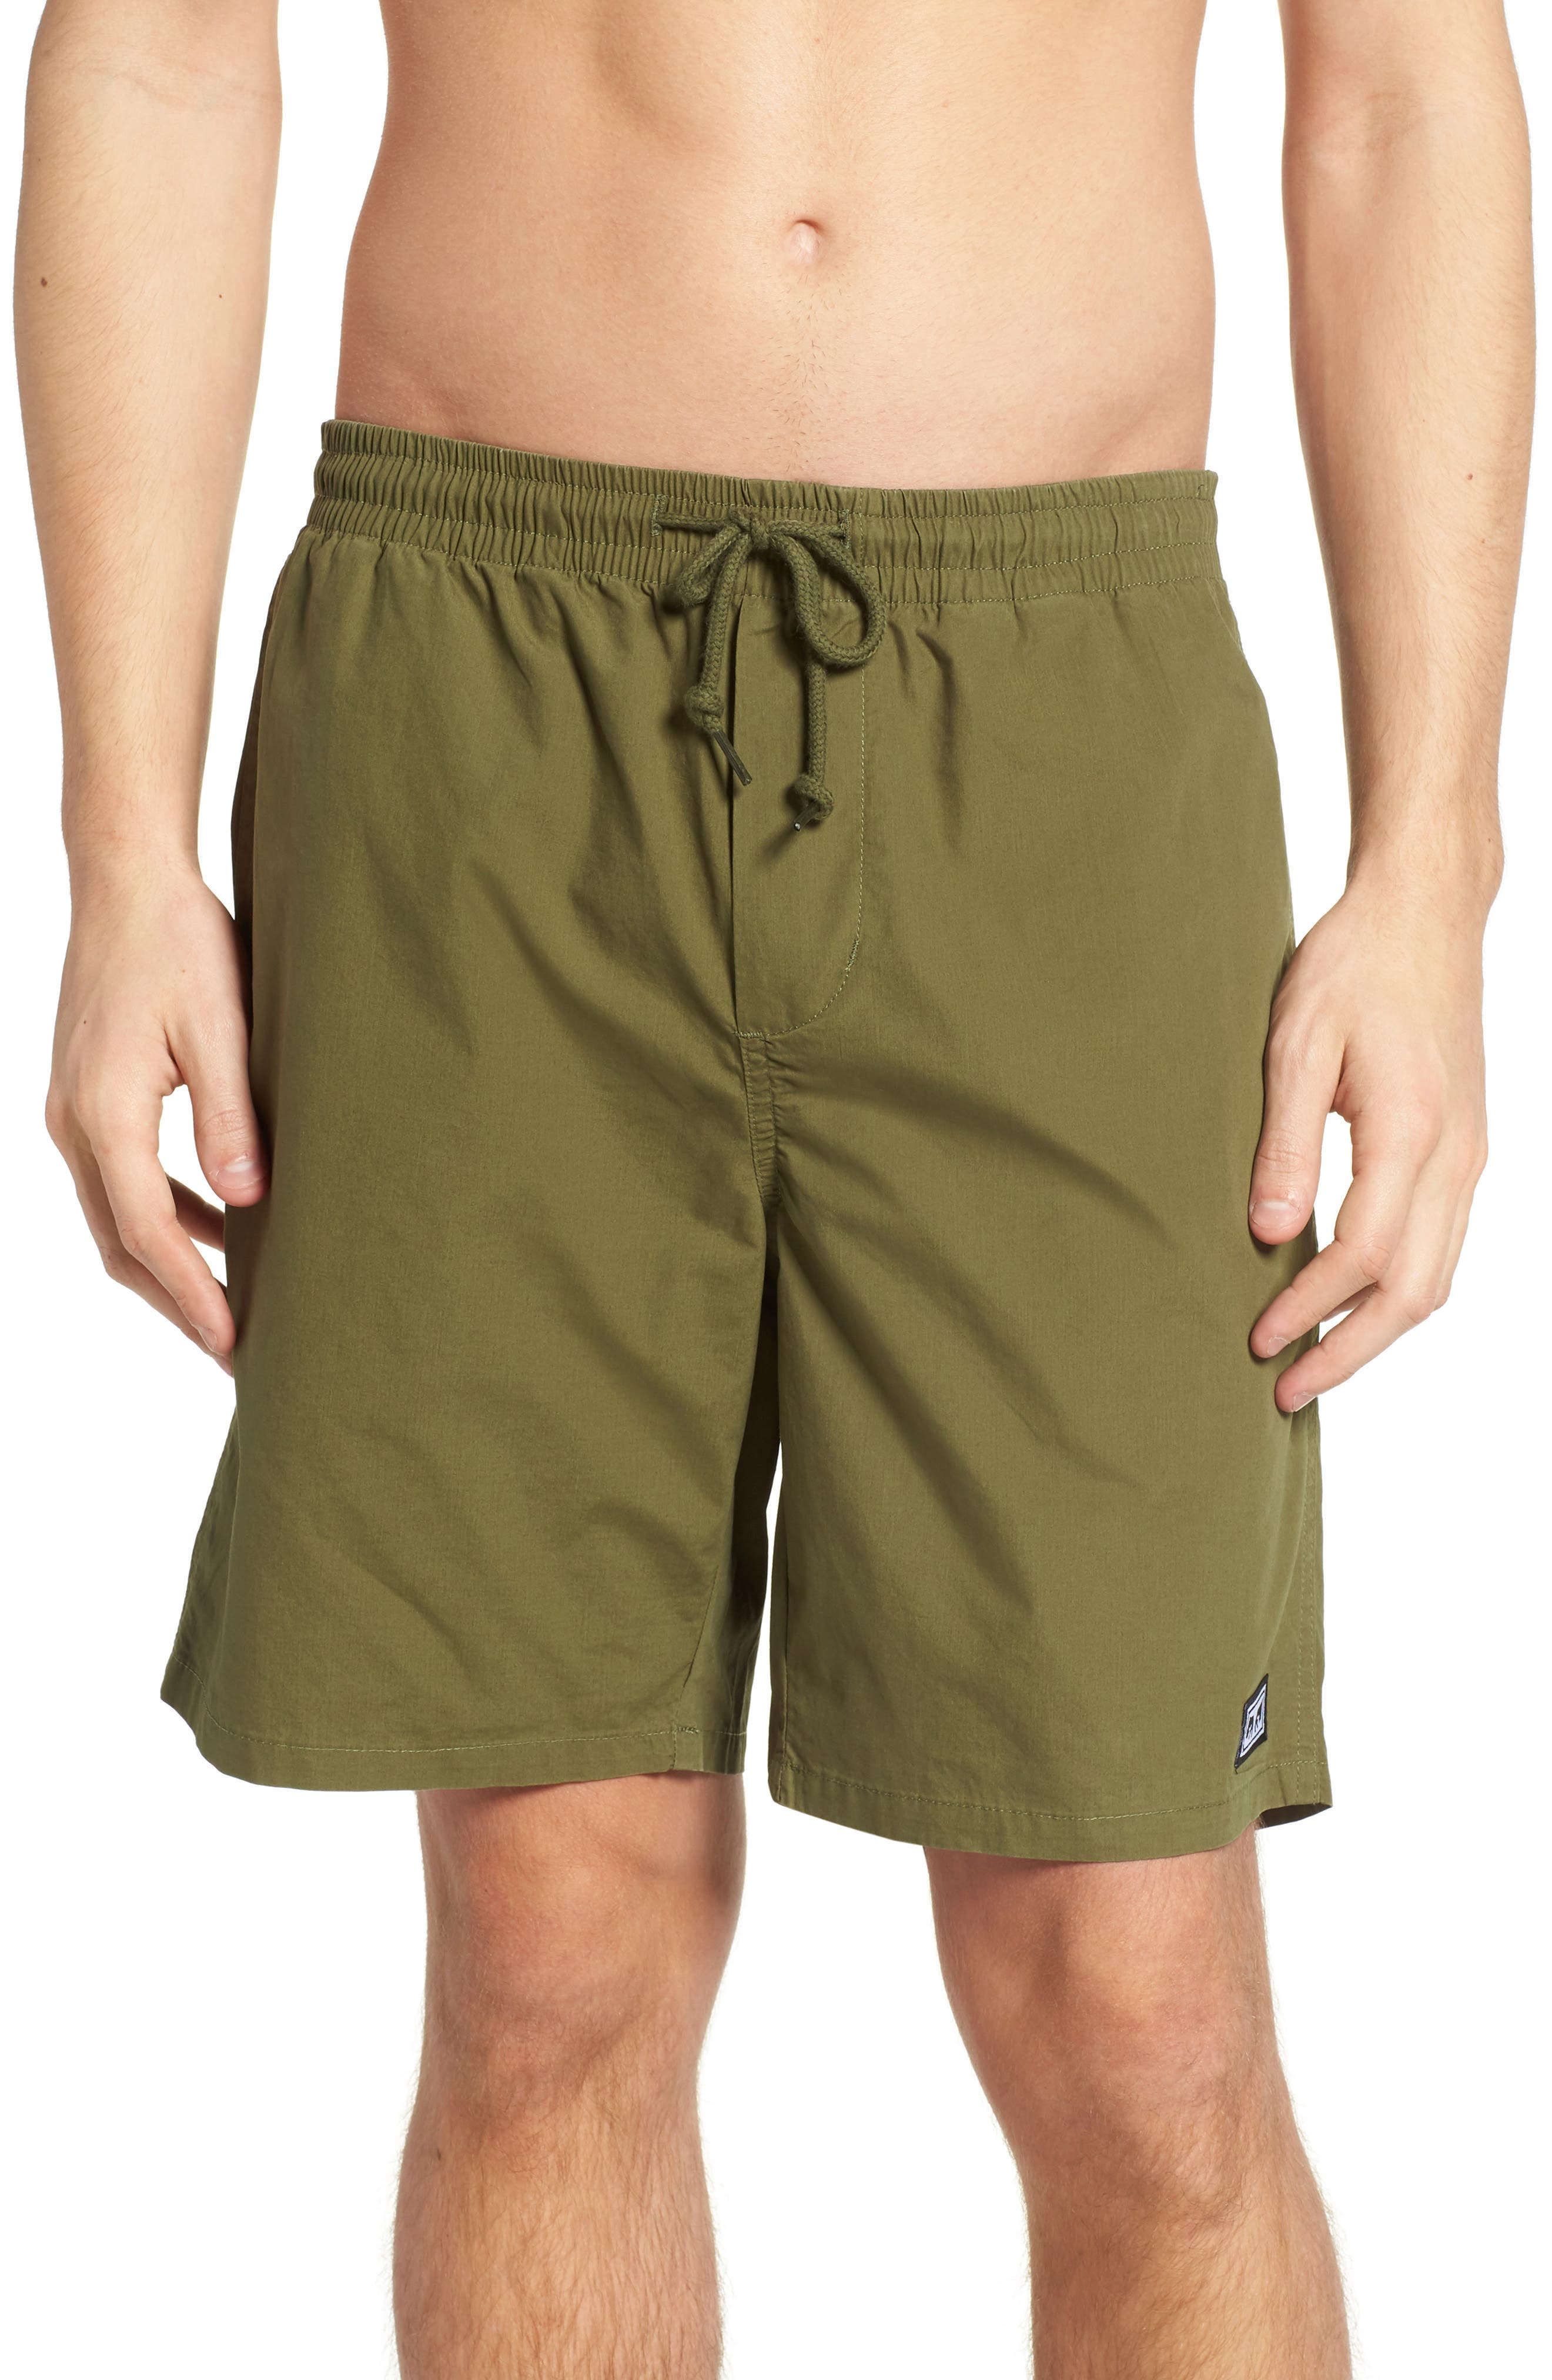 Legacy II Drawstring Shorts,                         Main,                         color, Army